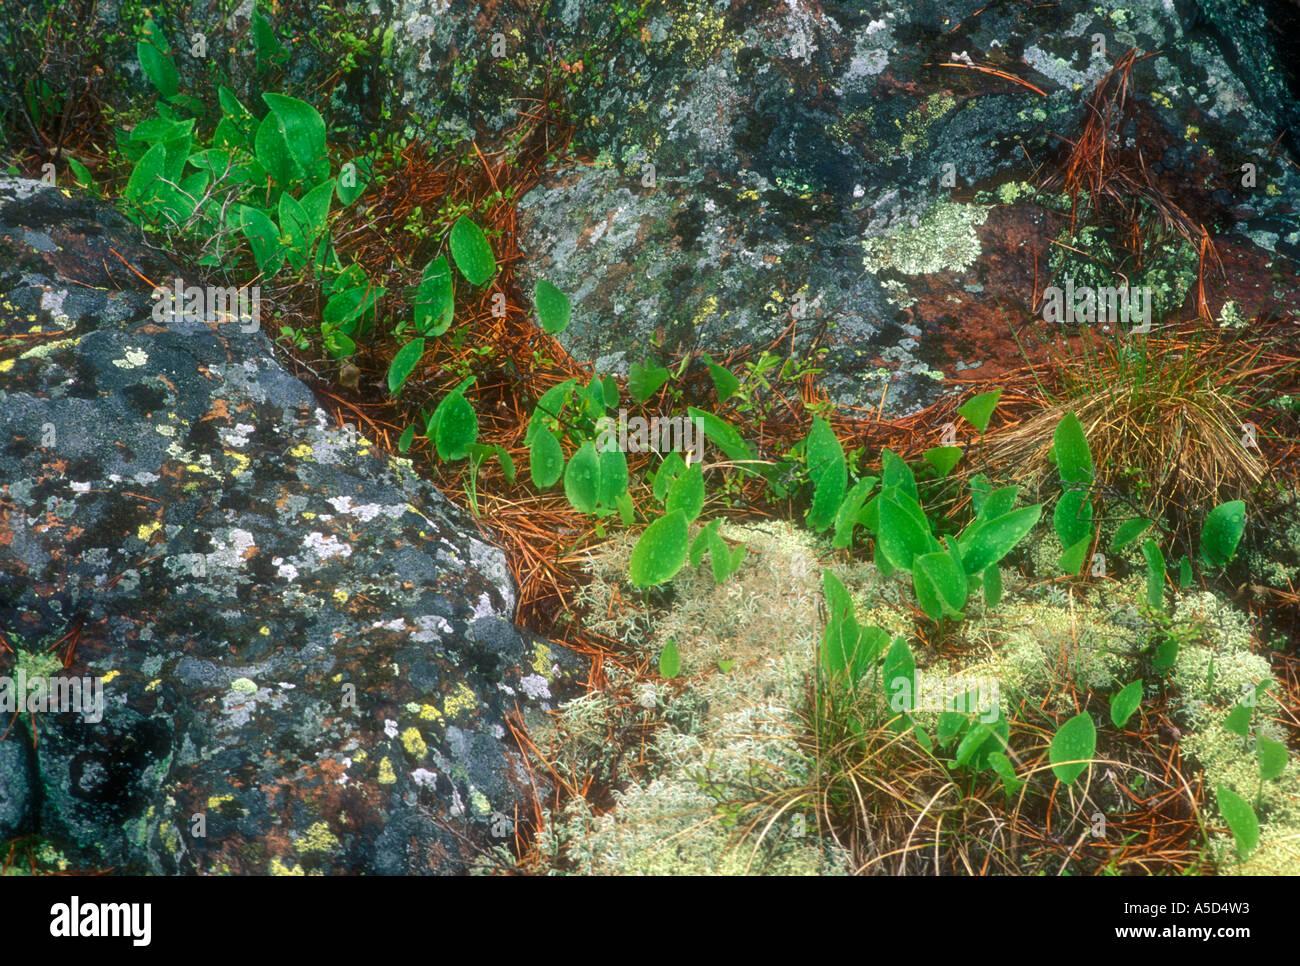 Kanada Mayflower (Maianthemum Canadense) verlässt Emerging unter Granitfelsen. Killarney Provincial Park-Ontario Stockbild